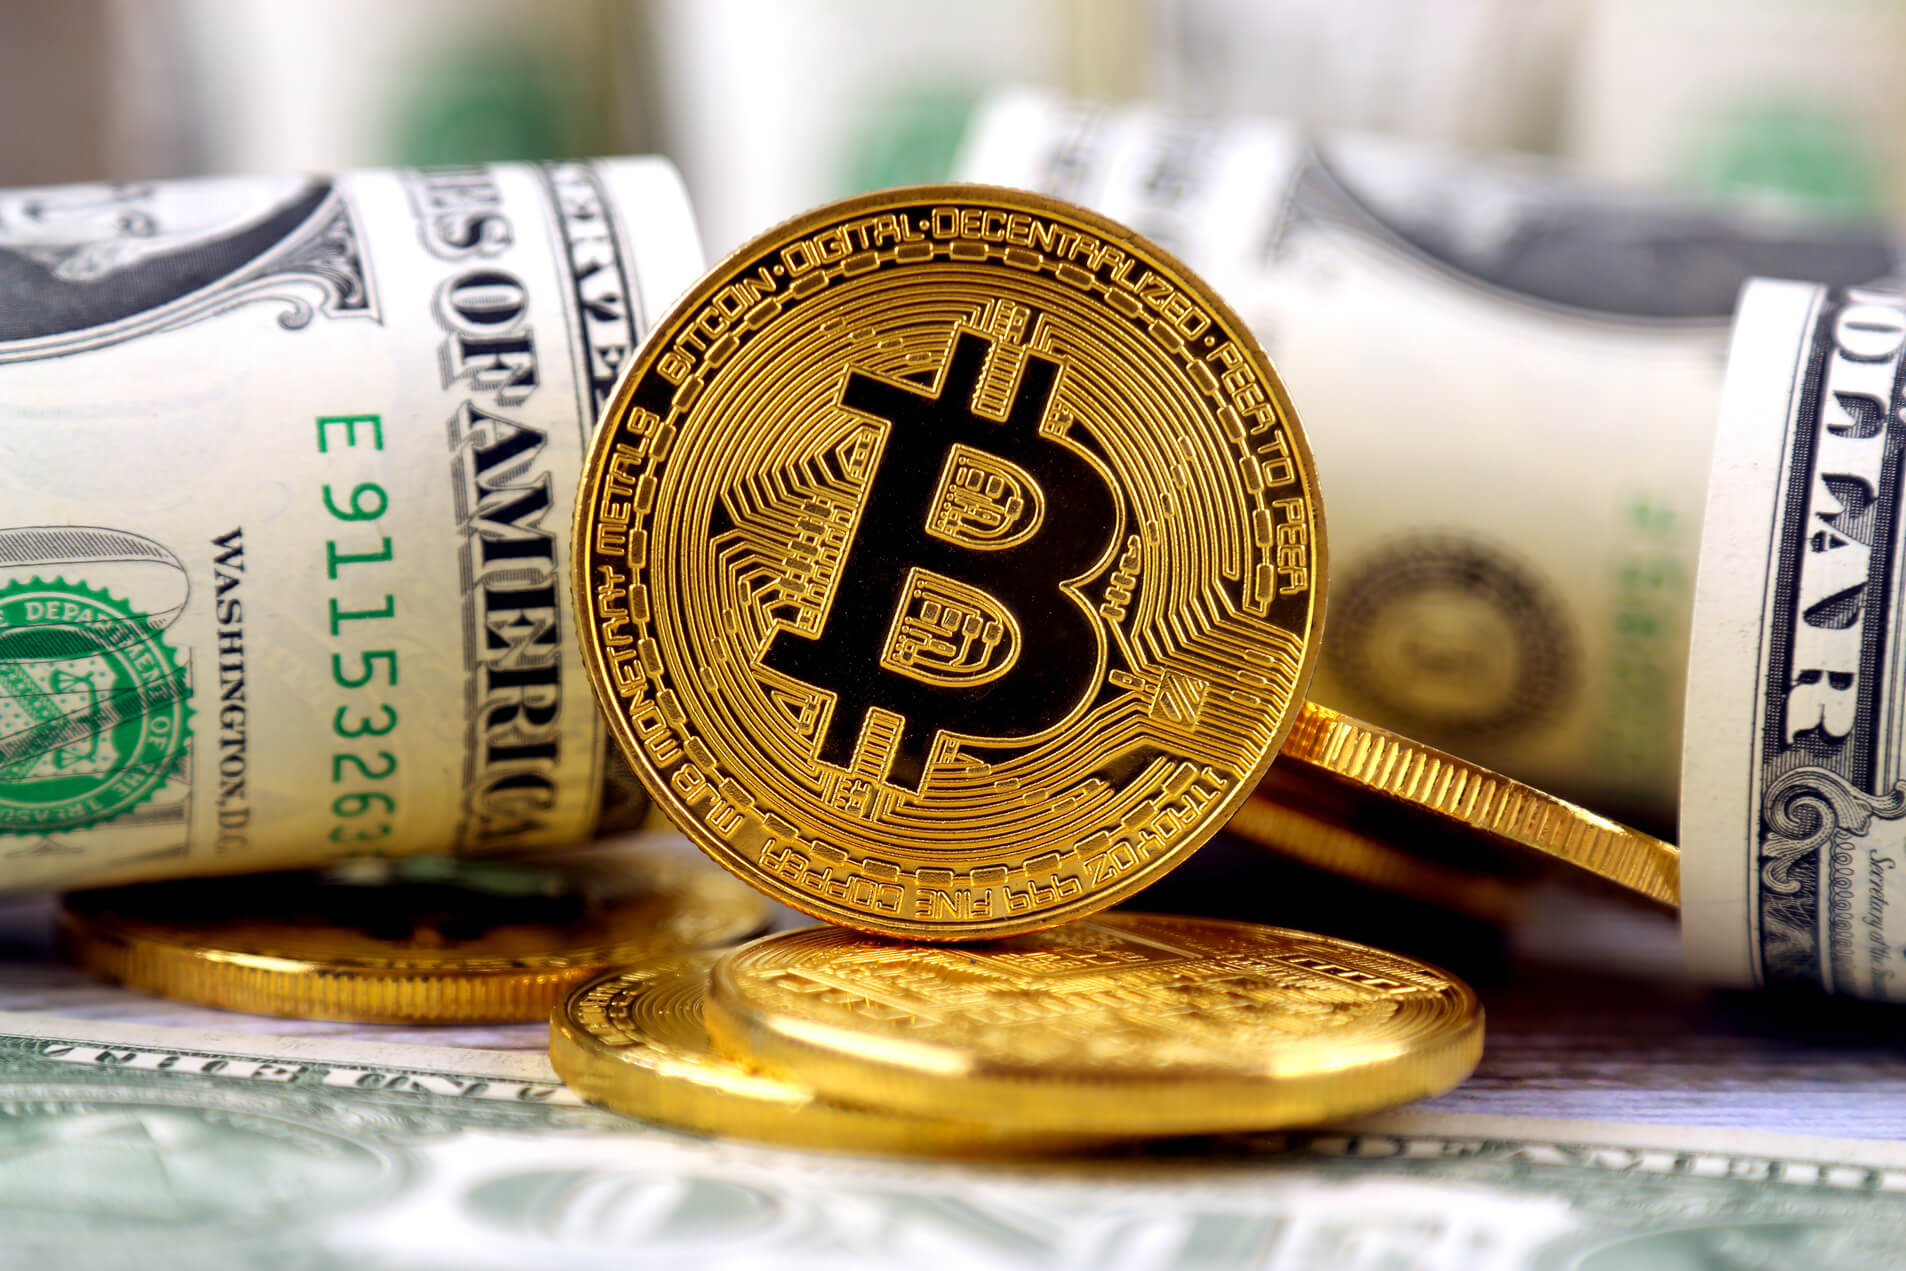 テスラ社がビットコイン決済を導入する時期